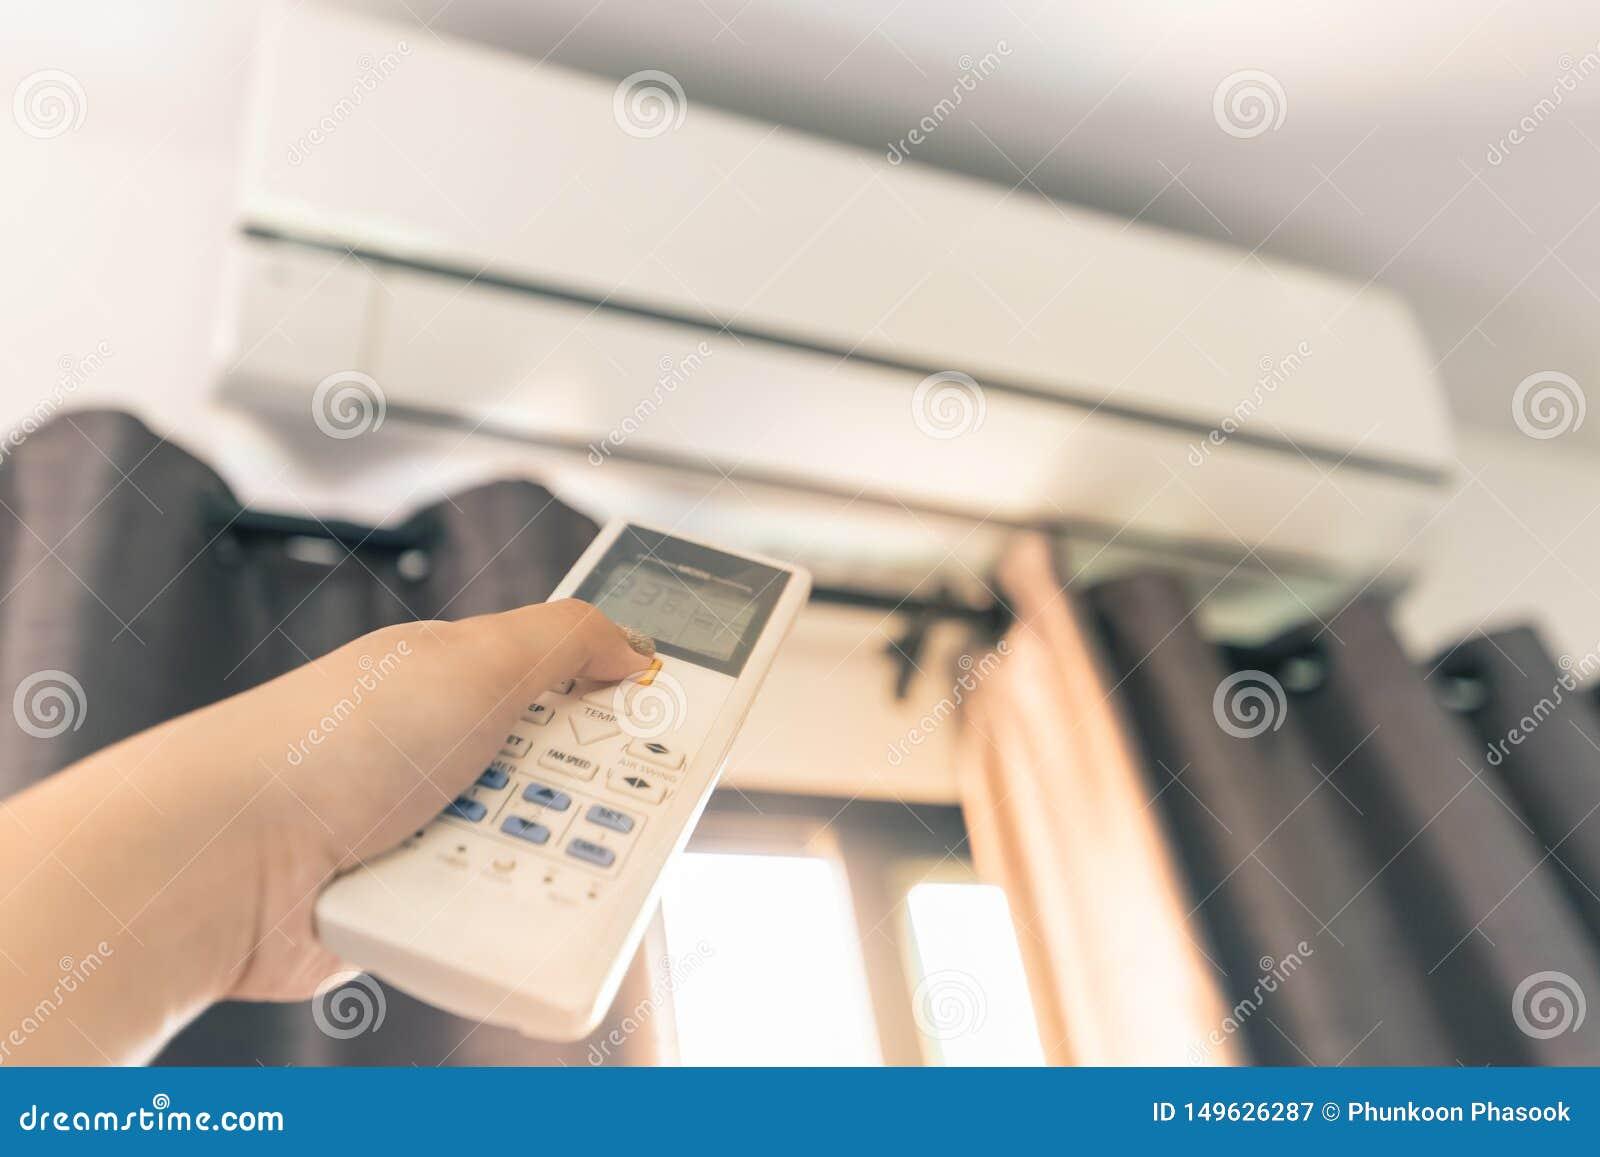 Använd fjärrkontrollen för att vända på luftkonditioneringsapparaten